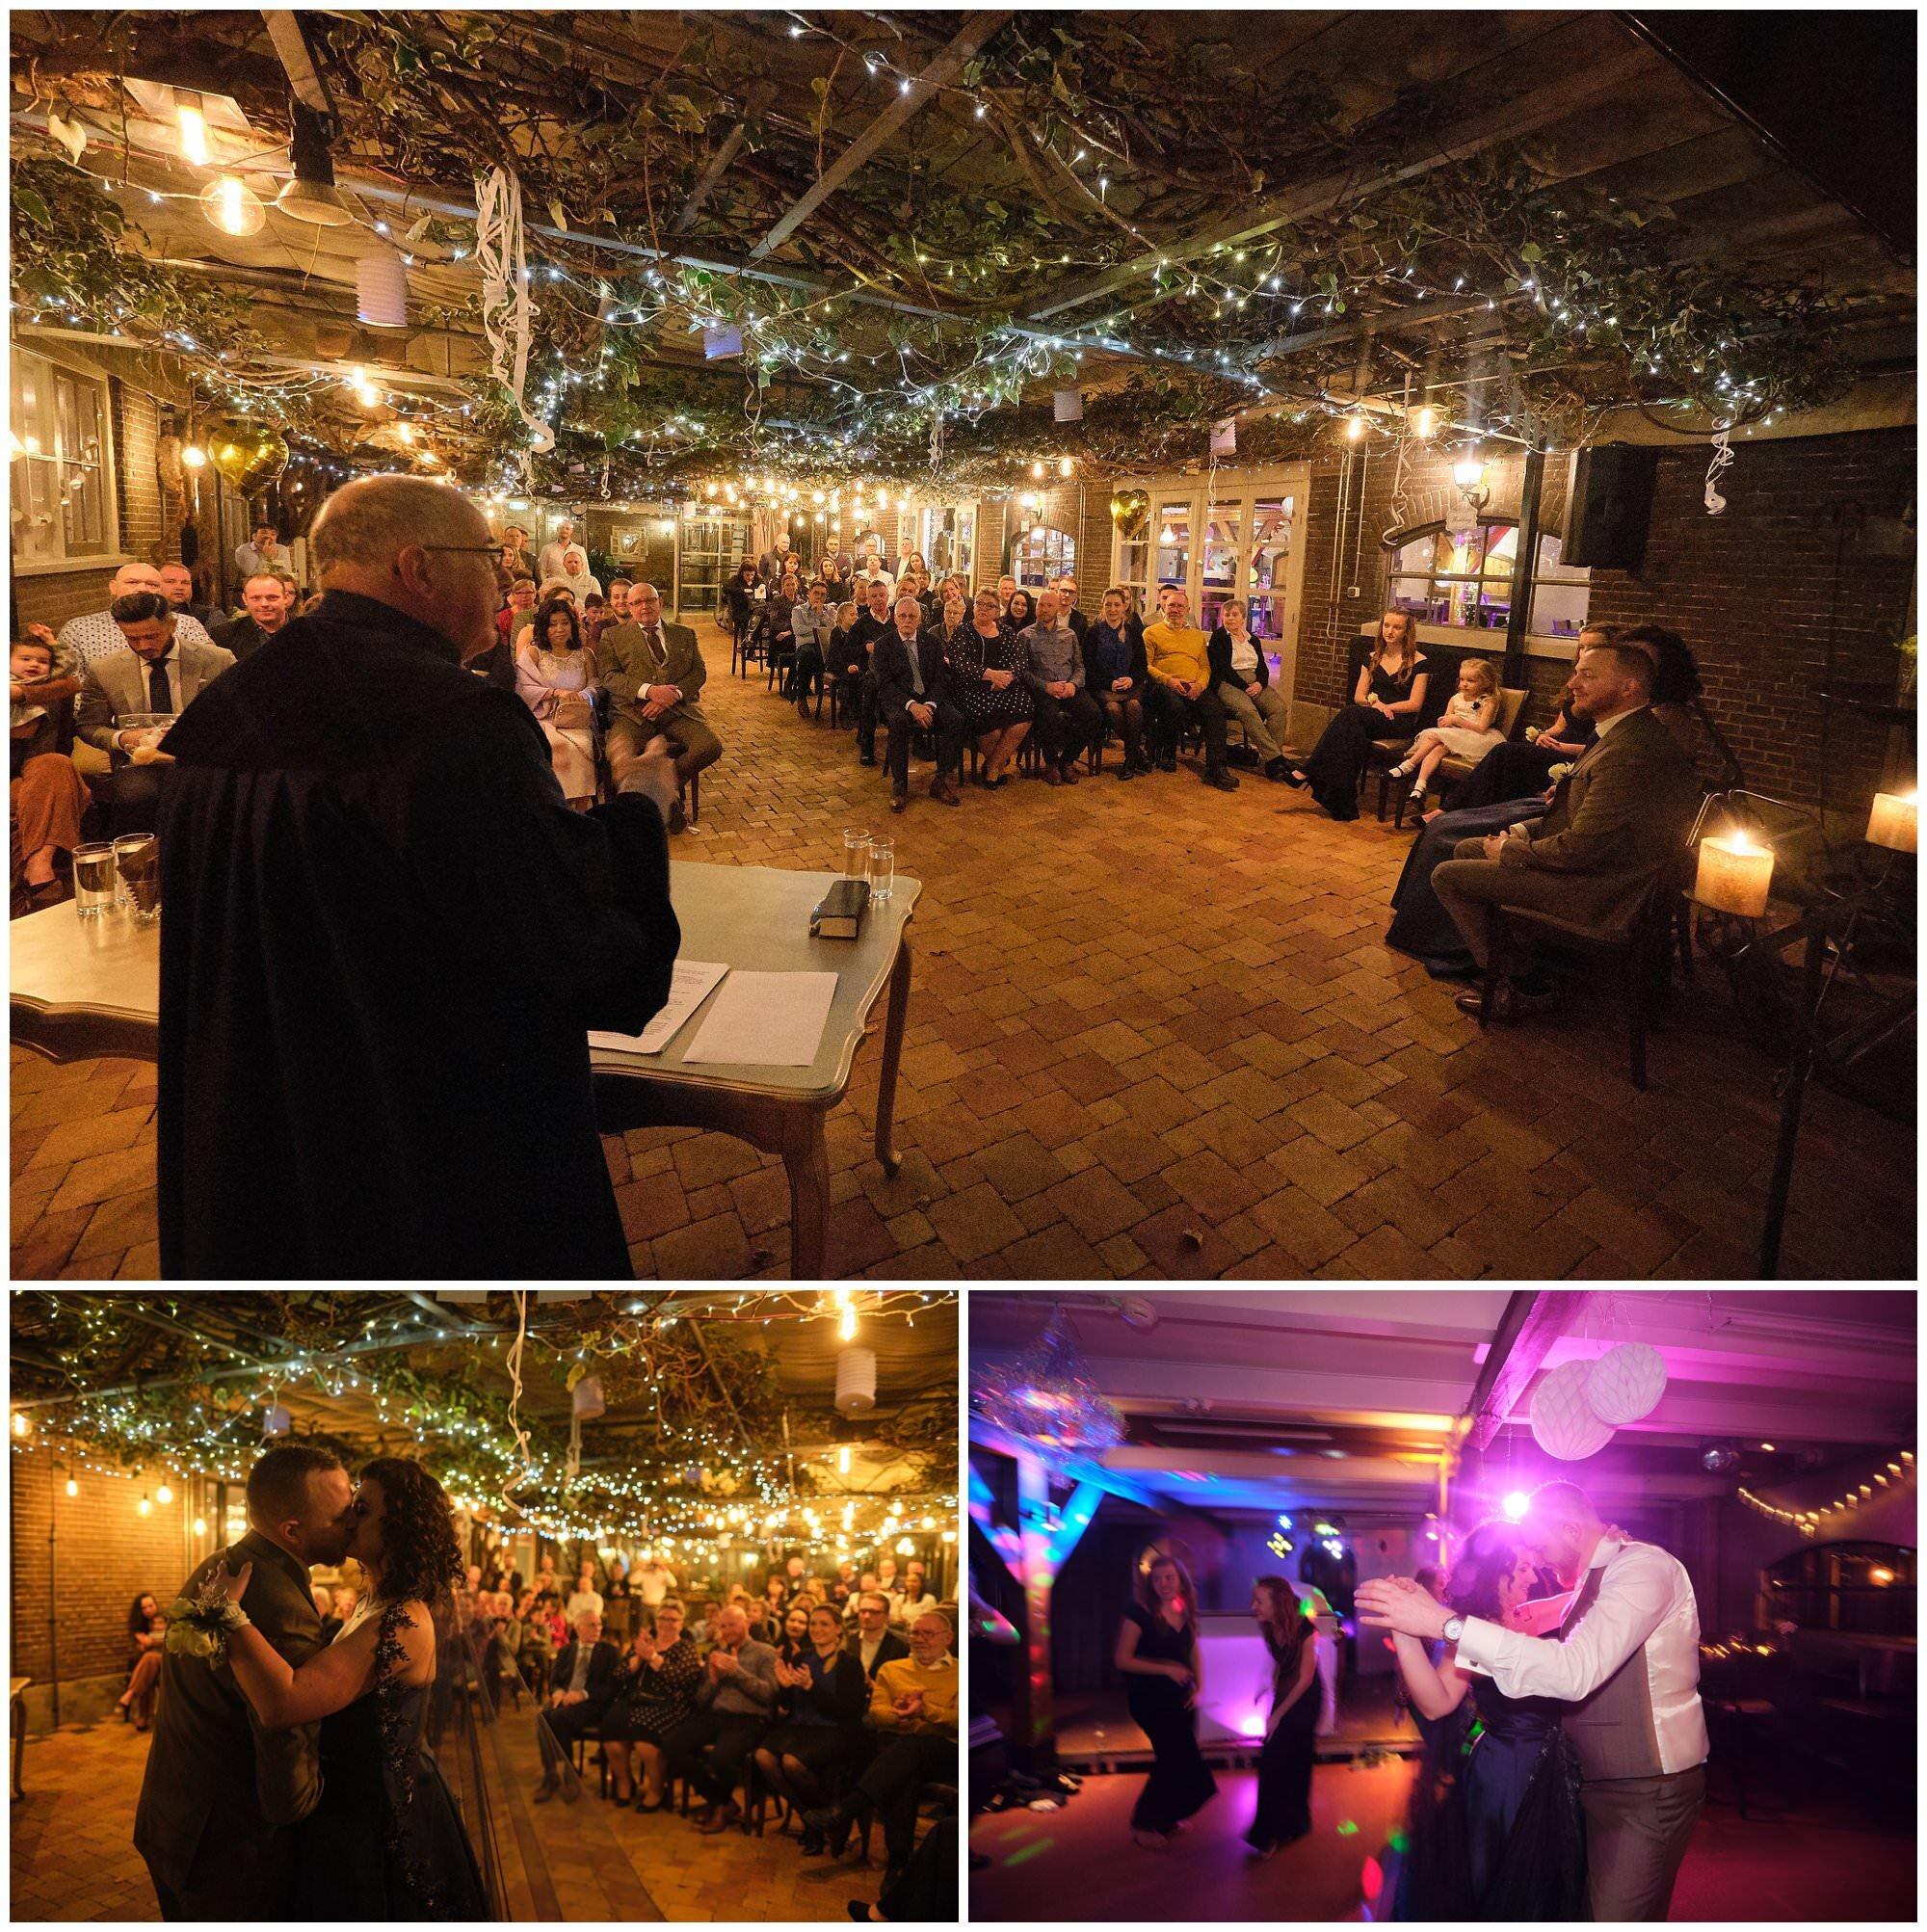 Maurice en Chantal - Winteravond bruidsreportage in Vlietzicht Rijswijk